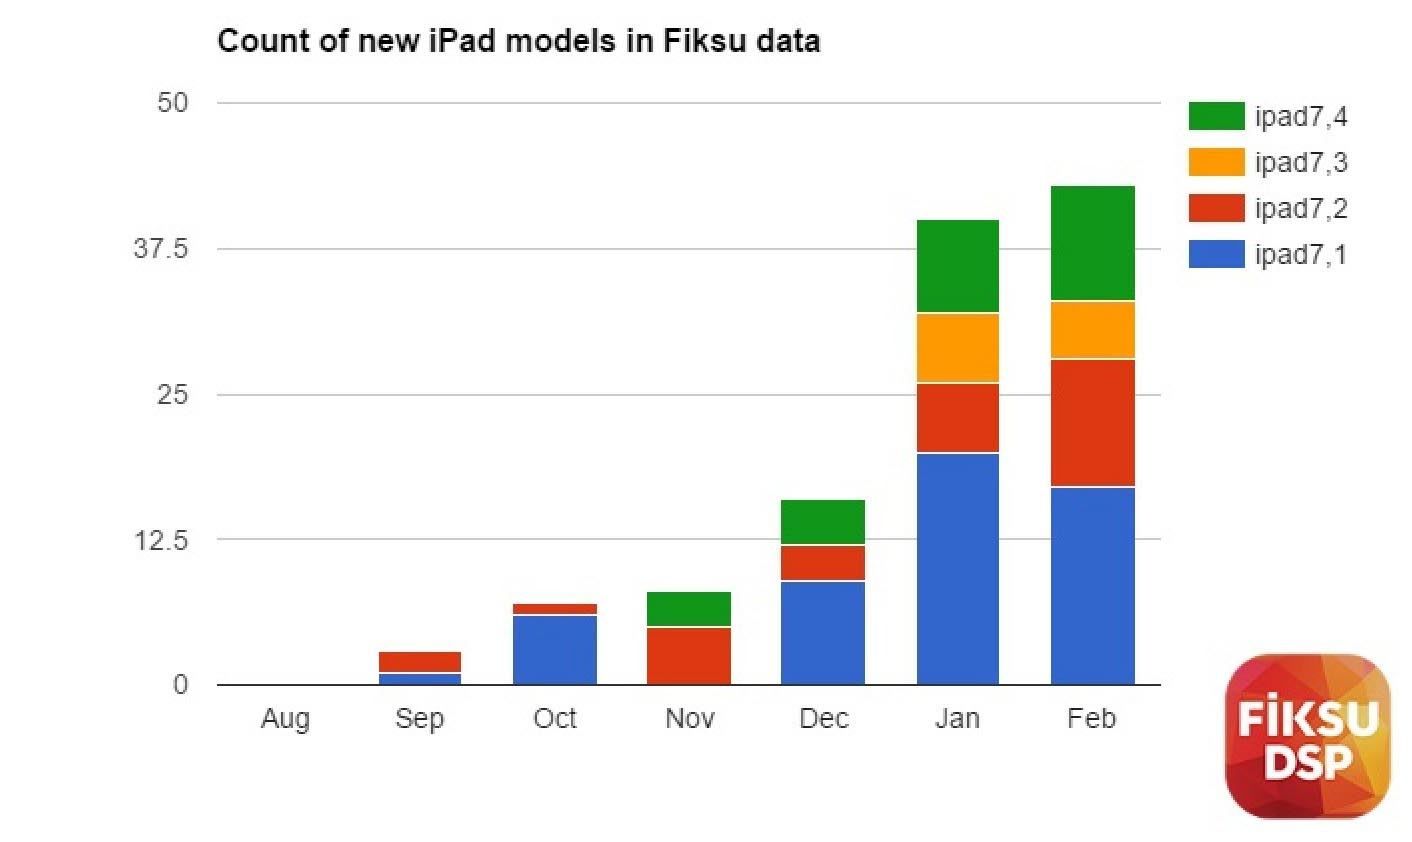 iPad 7,1